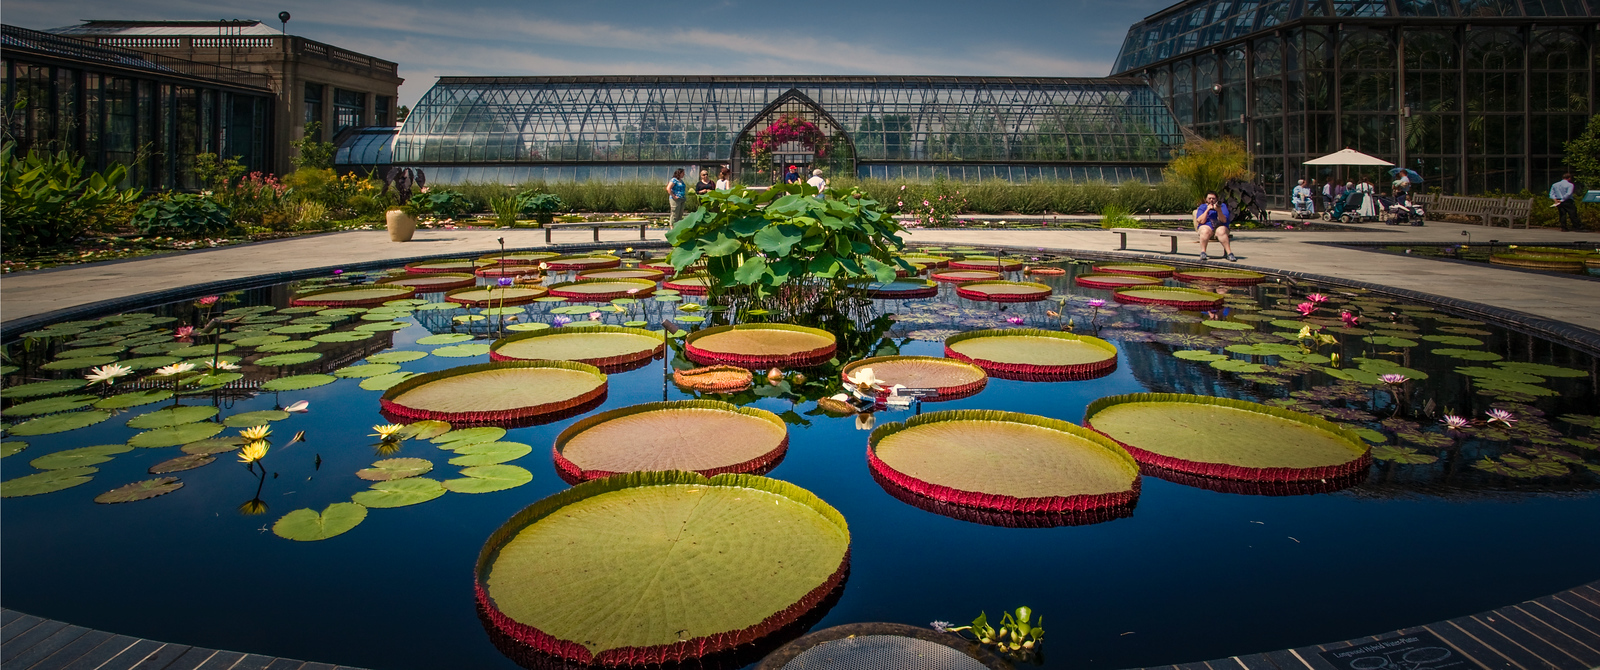 长木公园的莲花池,百去不厌